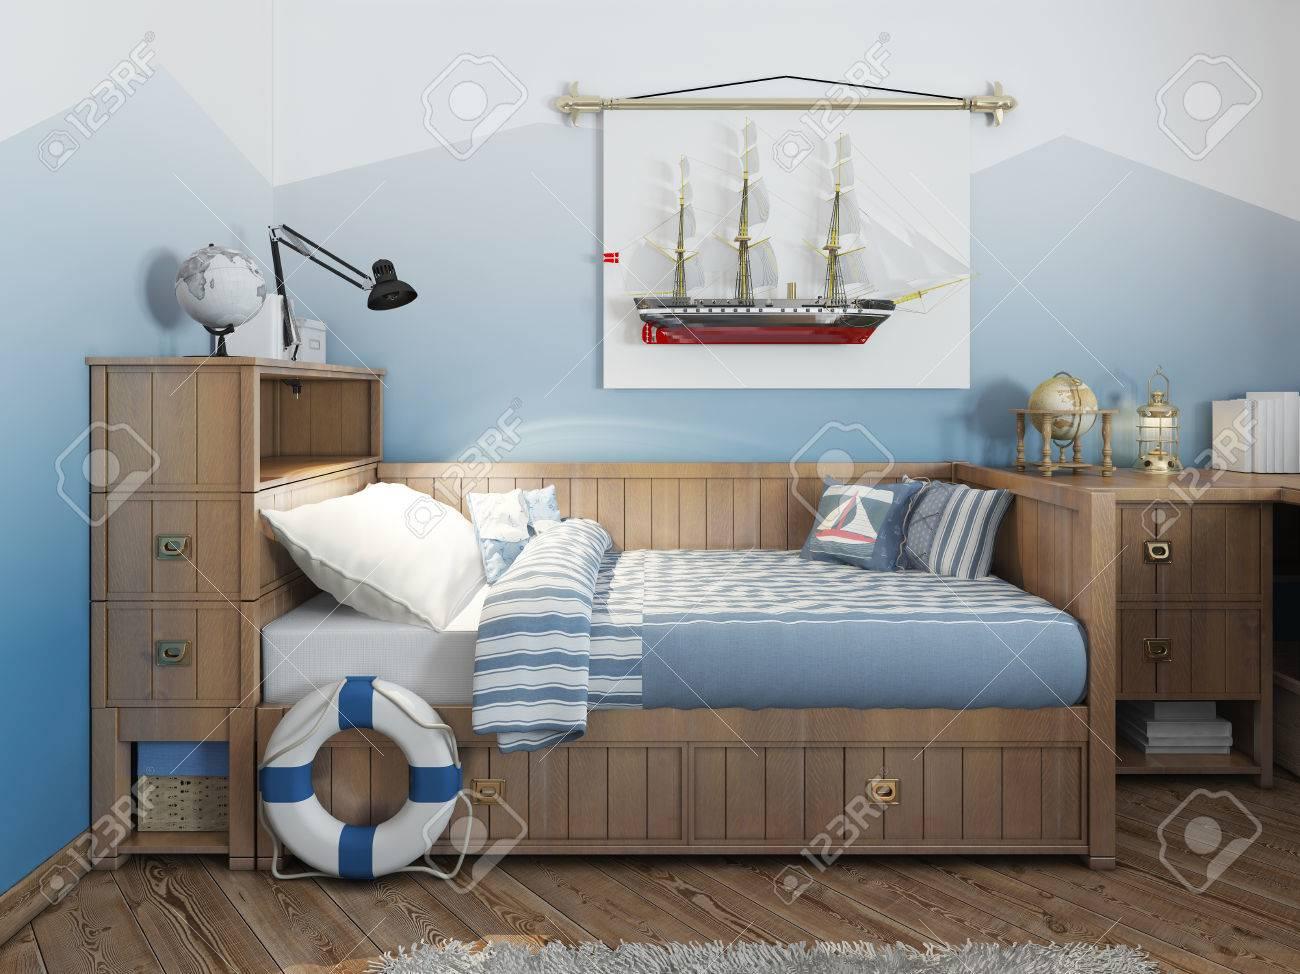 Lit Bébé Pour Un Jeune Adolescent Dans Un Style De Navire Avec Une ...